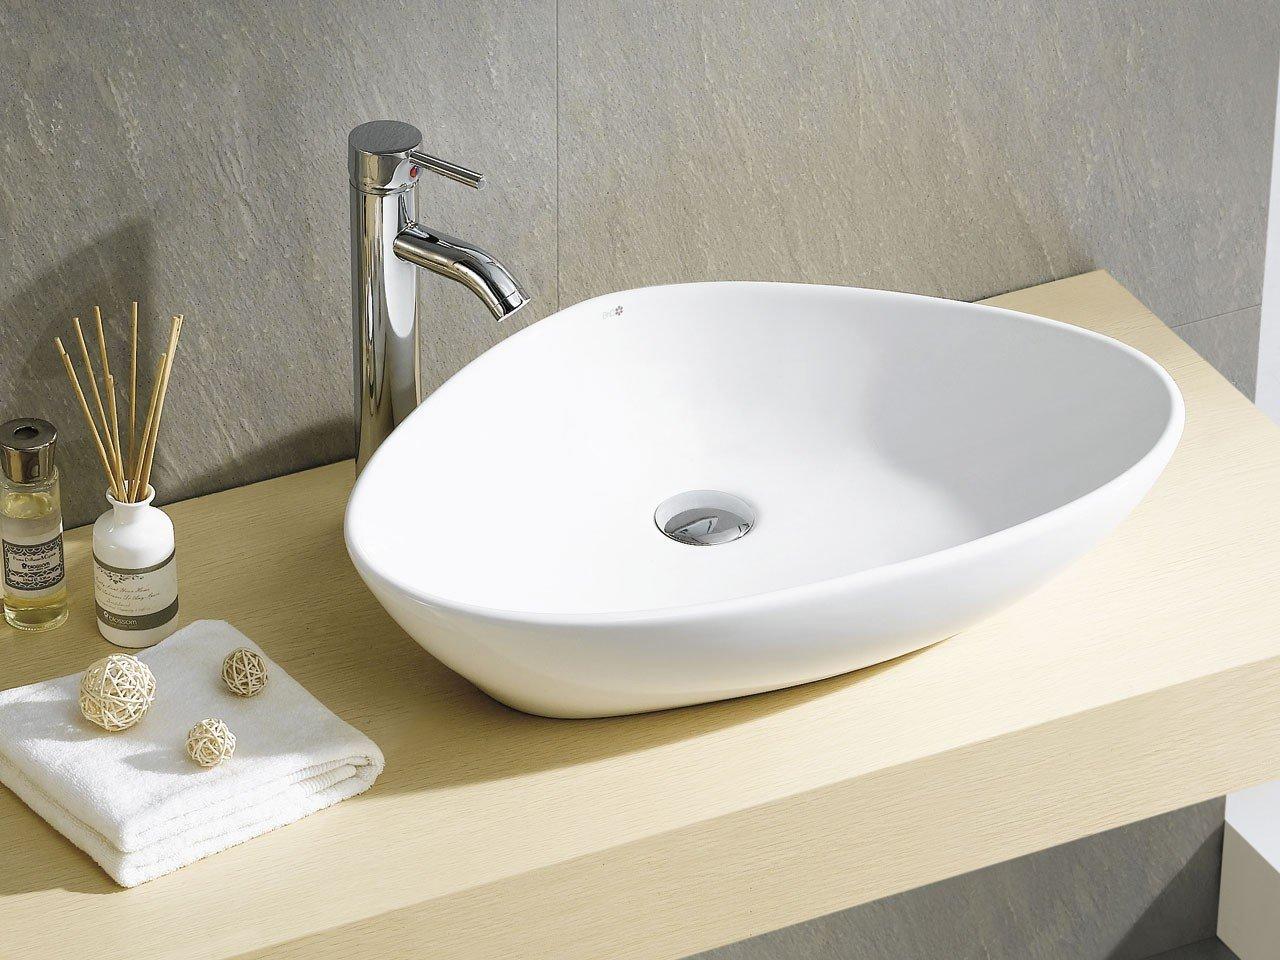 Lavabo d 39 arredo teruel 58 5x39 h14 ceram iperceramica - Ikea lavandino bagno ...